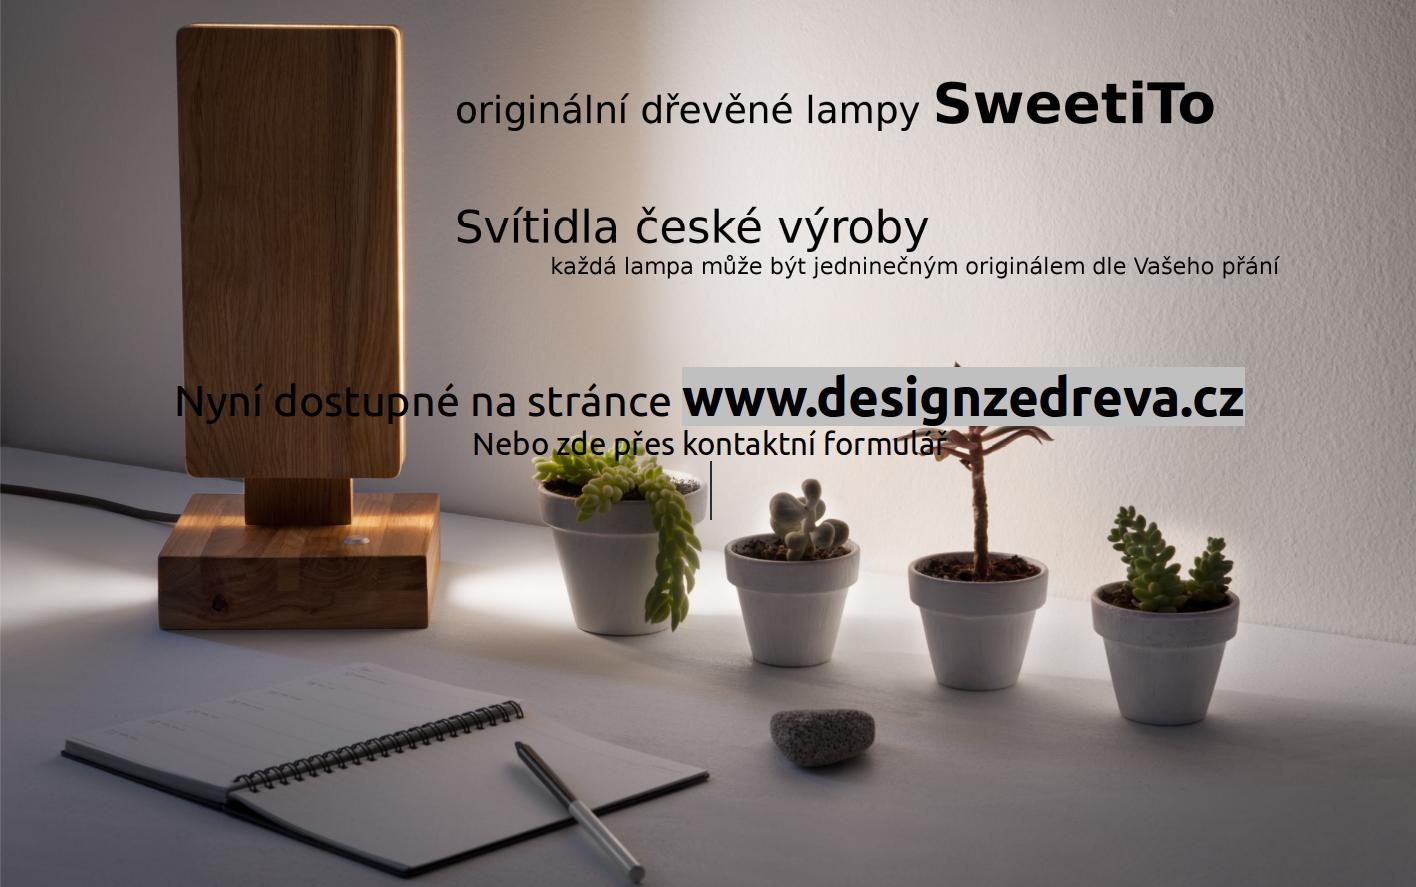 dřevěná svítidla SweetiTo